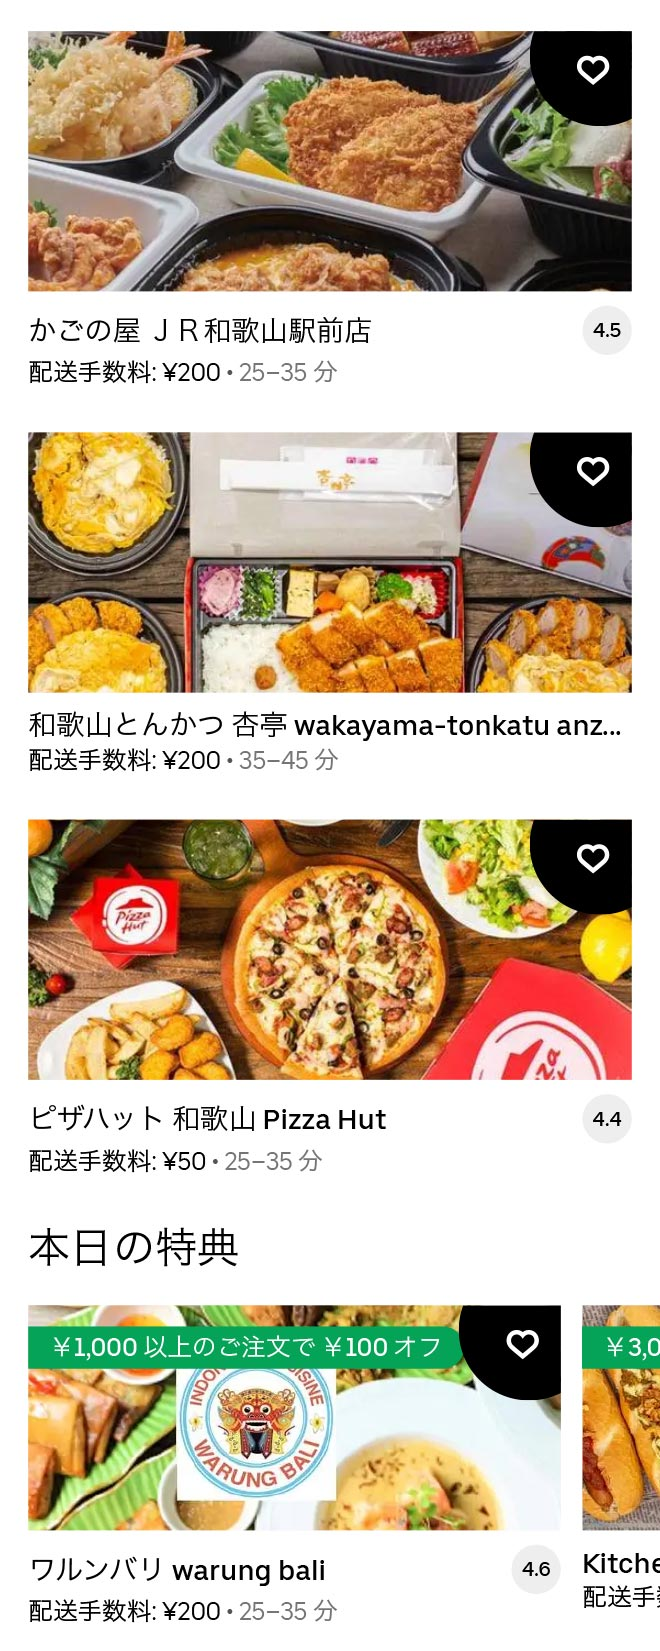 U miyamae menu 2104 11